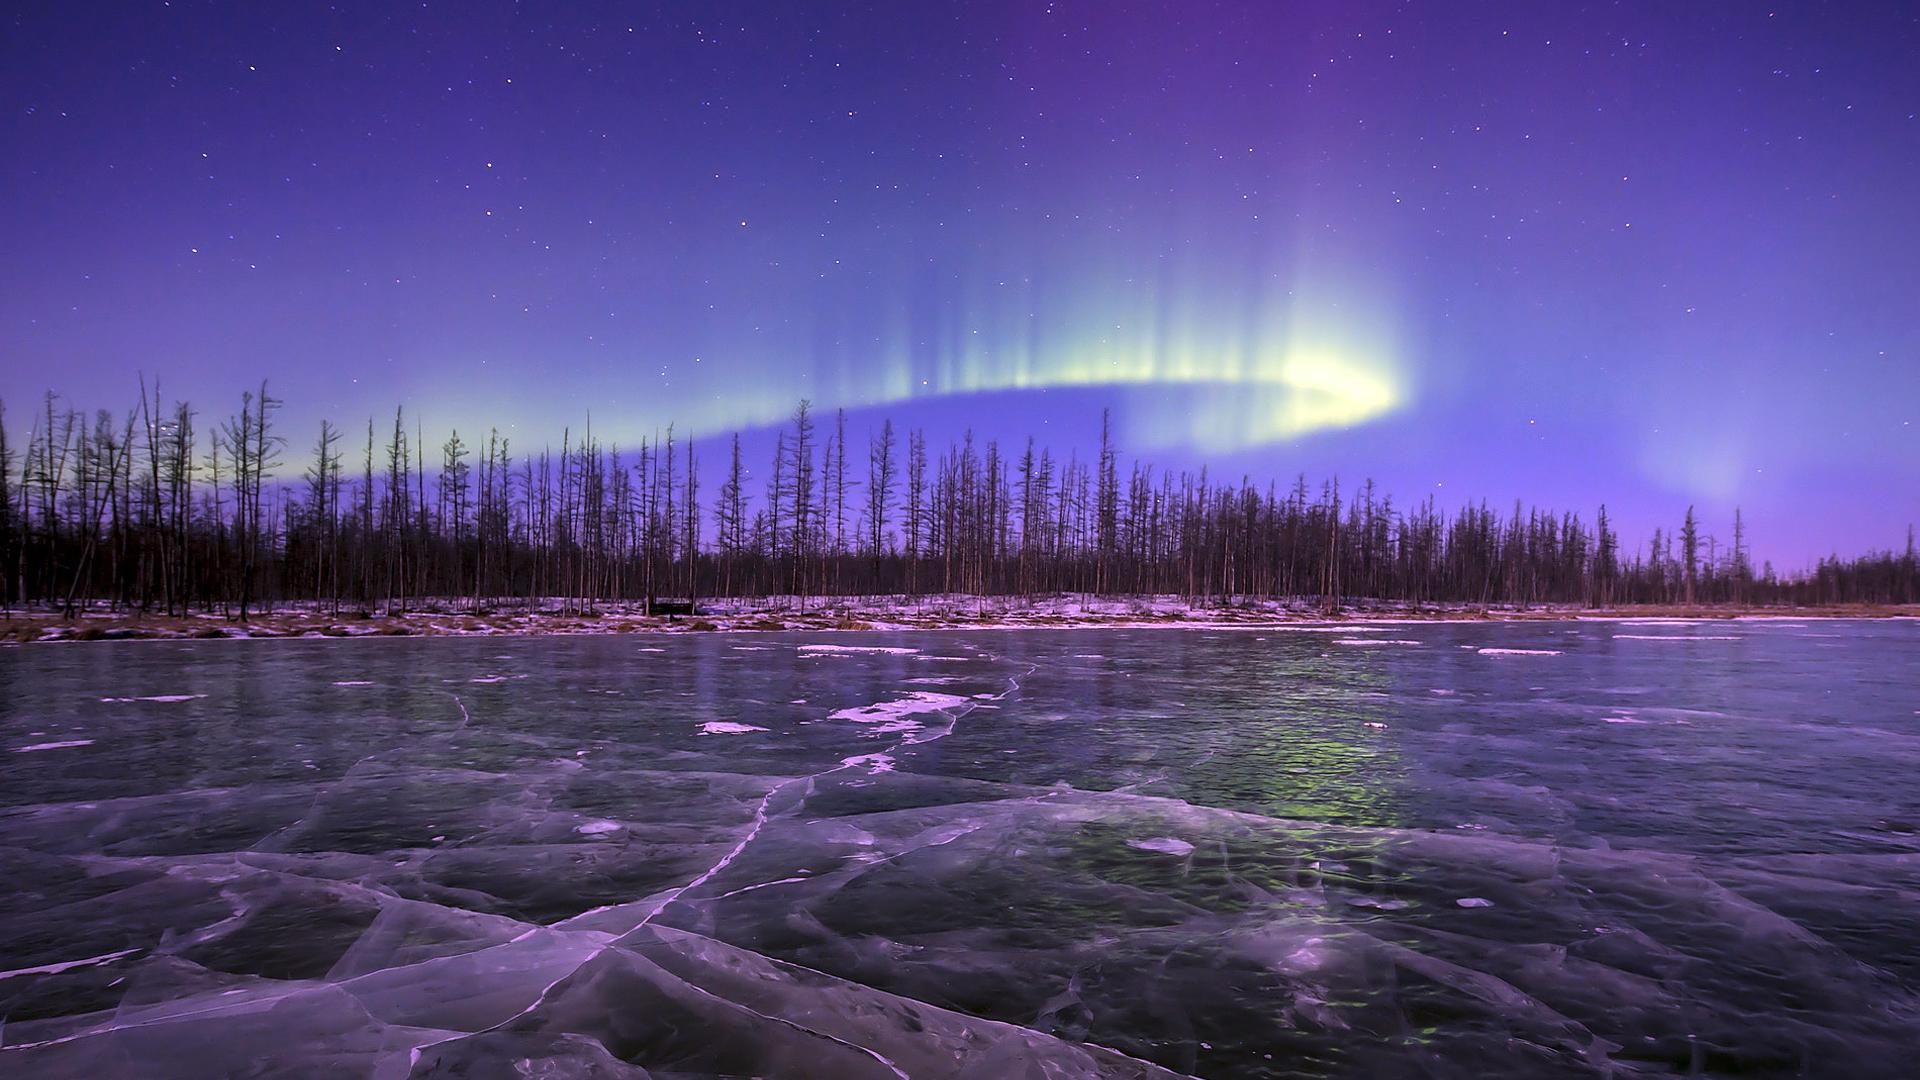 Где лучше всего любоваться полярным сиянием? 2